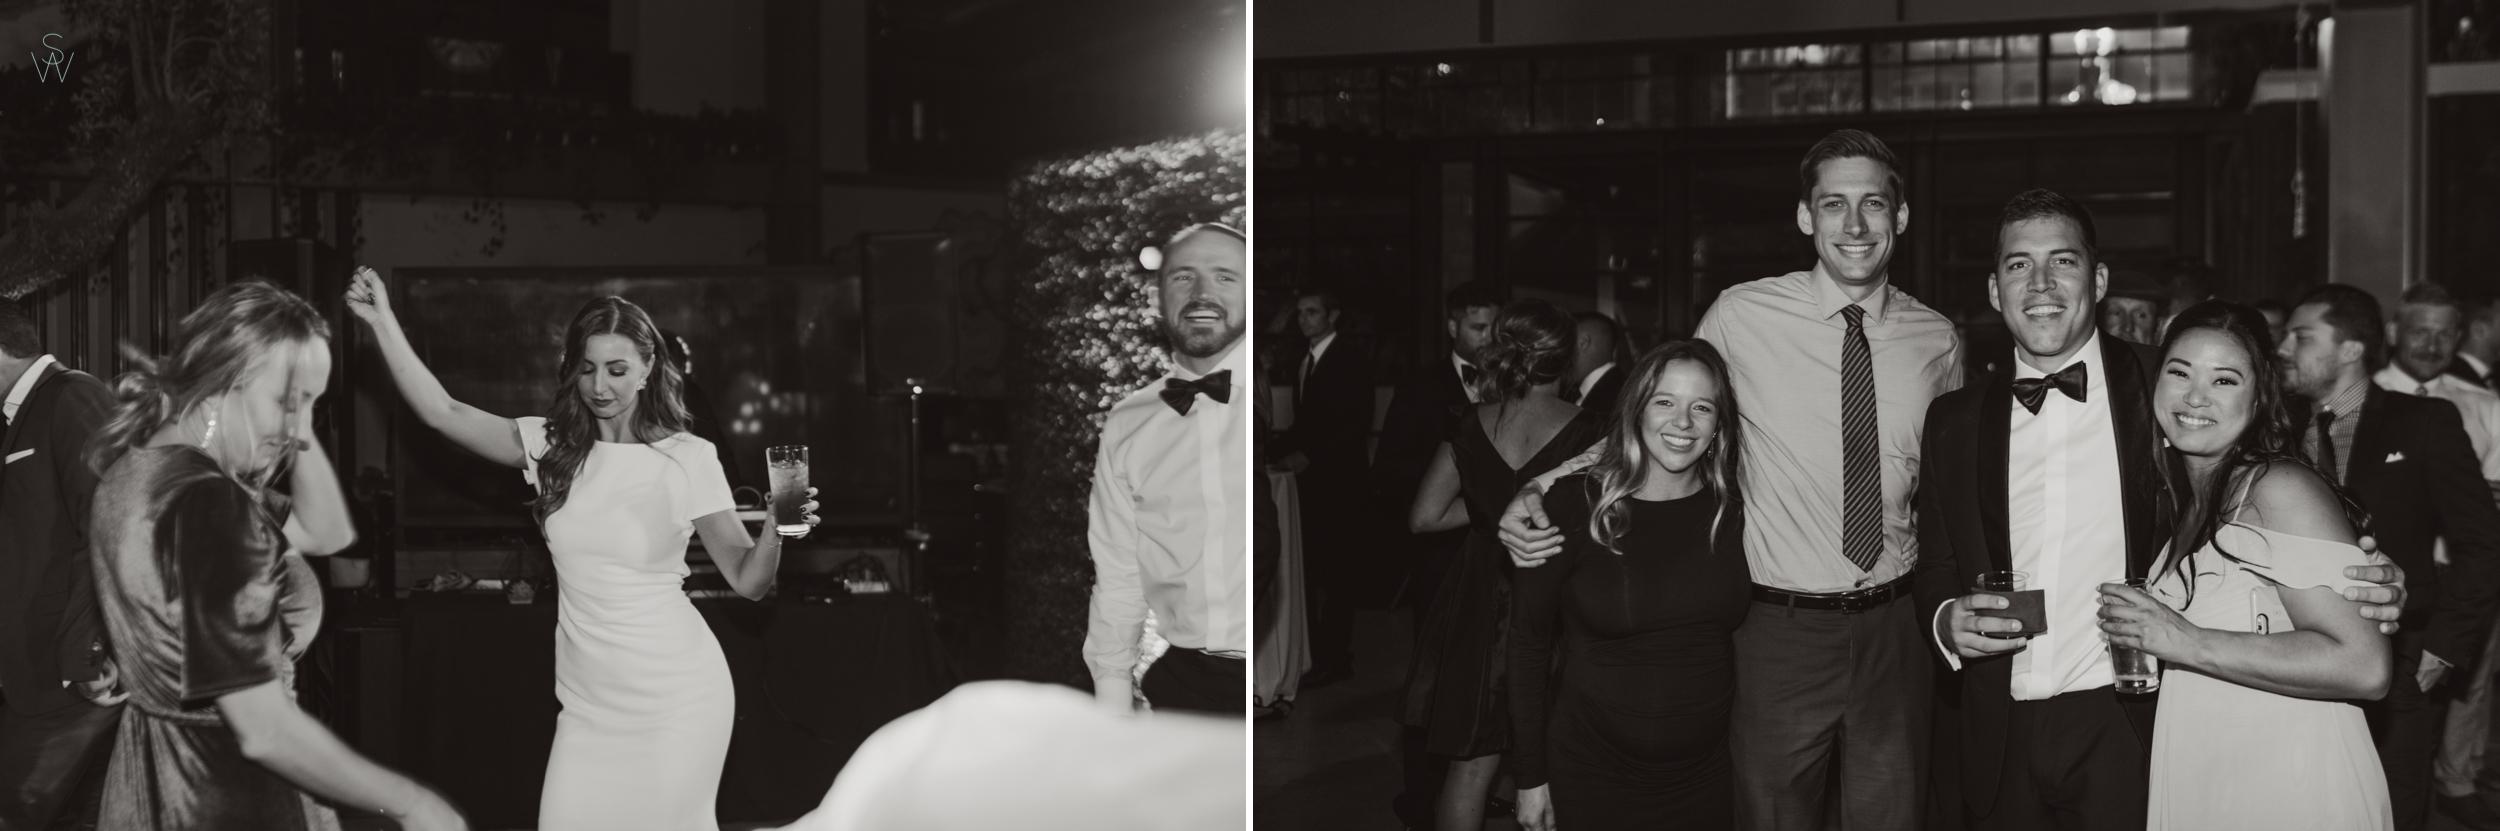 190THE.UNDERGROUND.ELEPHANT.wedding.photography.shewanders.JPG